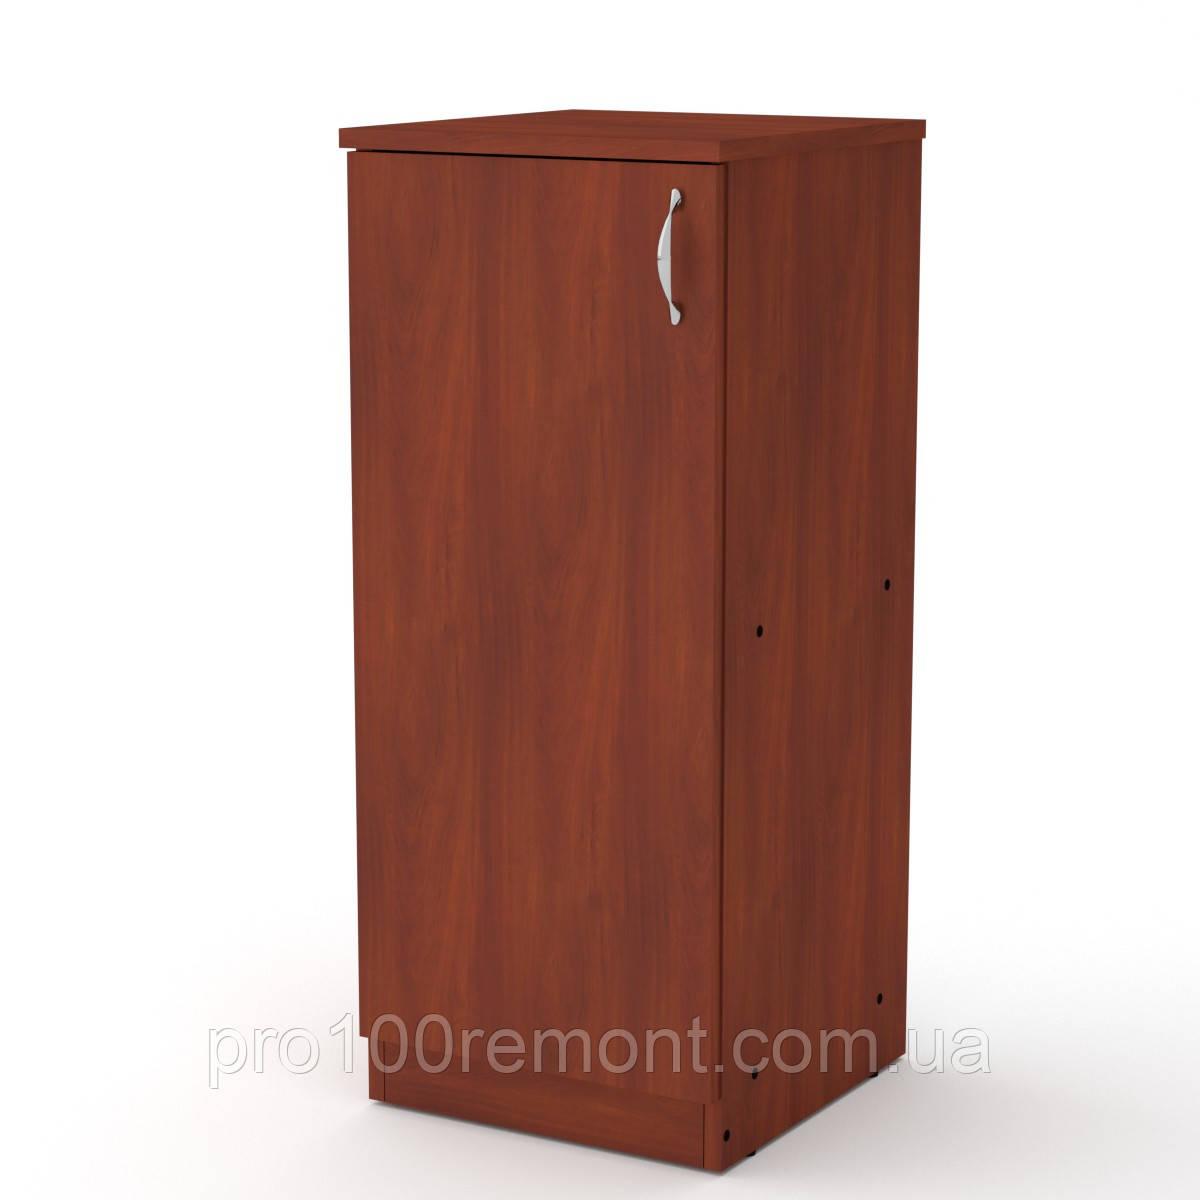 Шкаф универсальный КШ-18 от Компанит